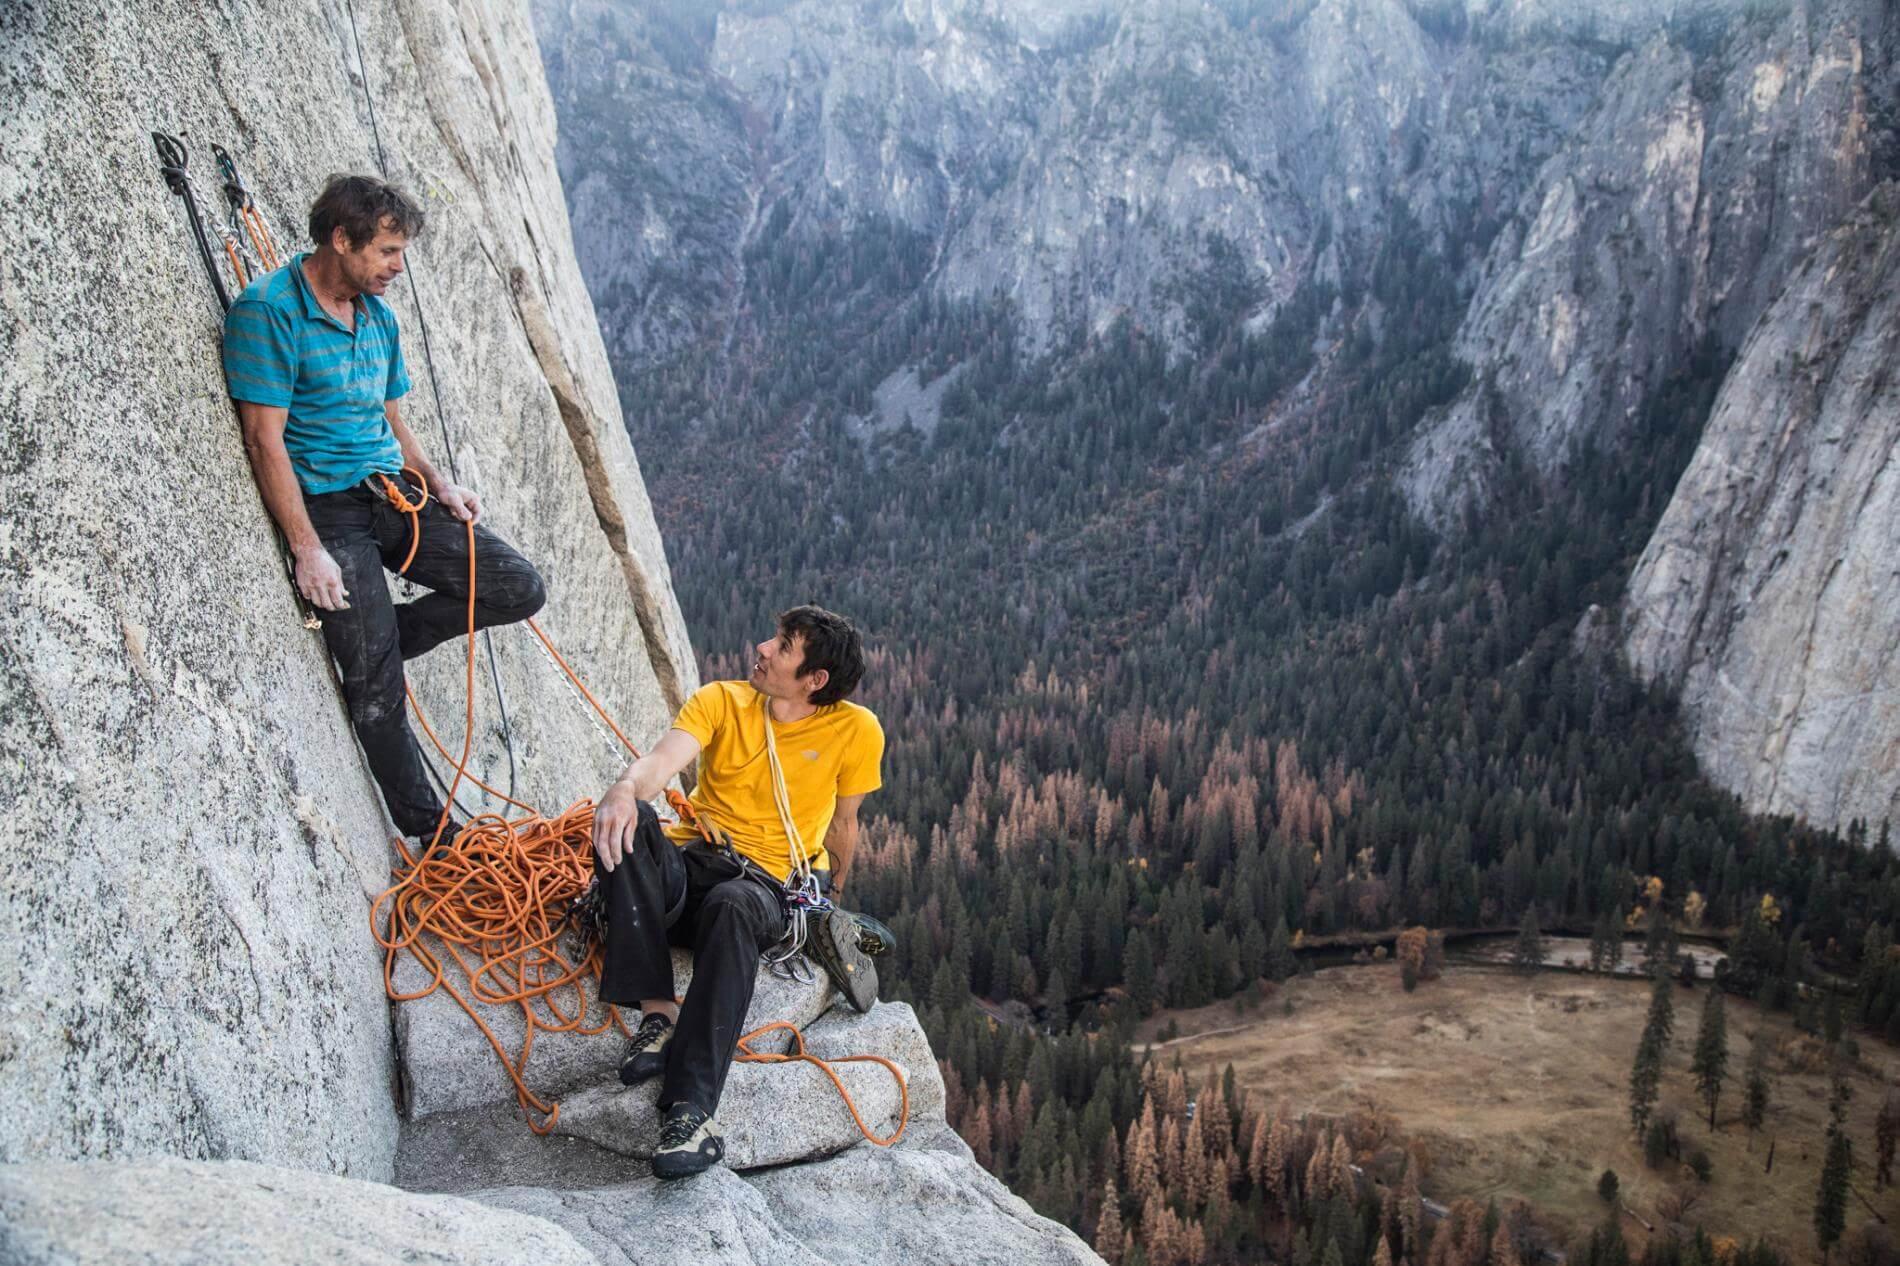 alex honnold el capitan rope free ascent 13